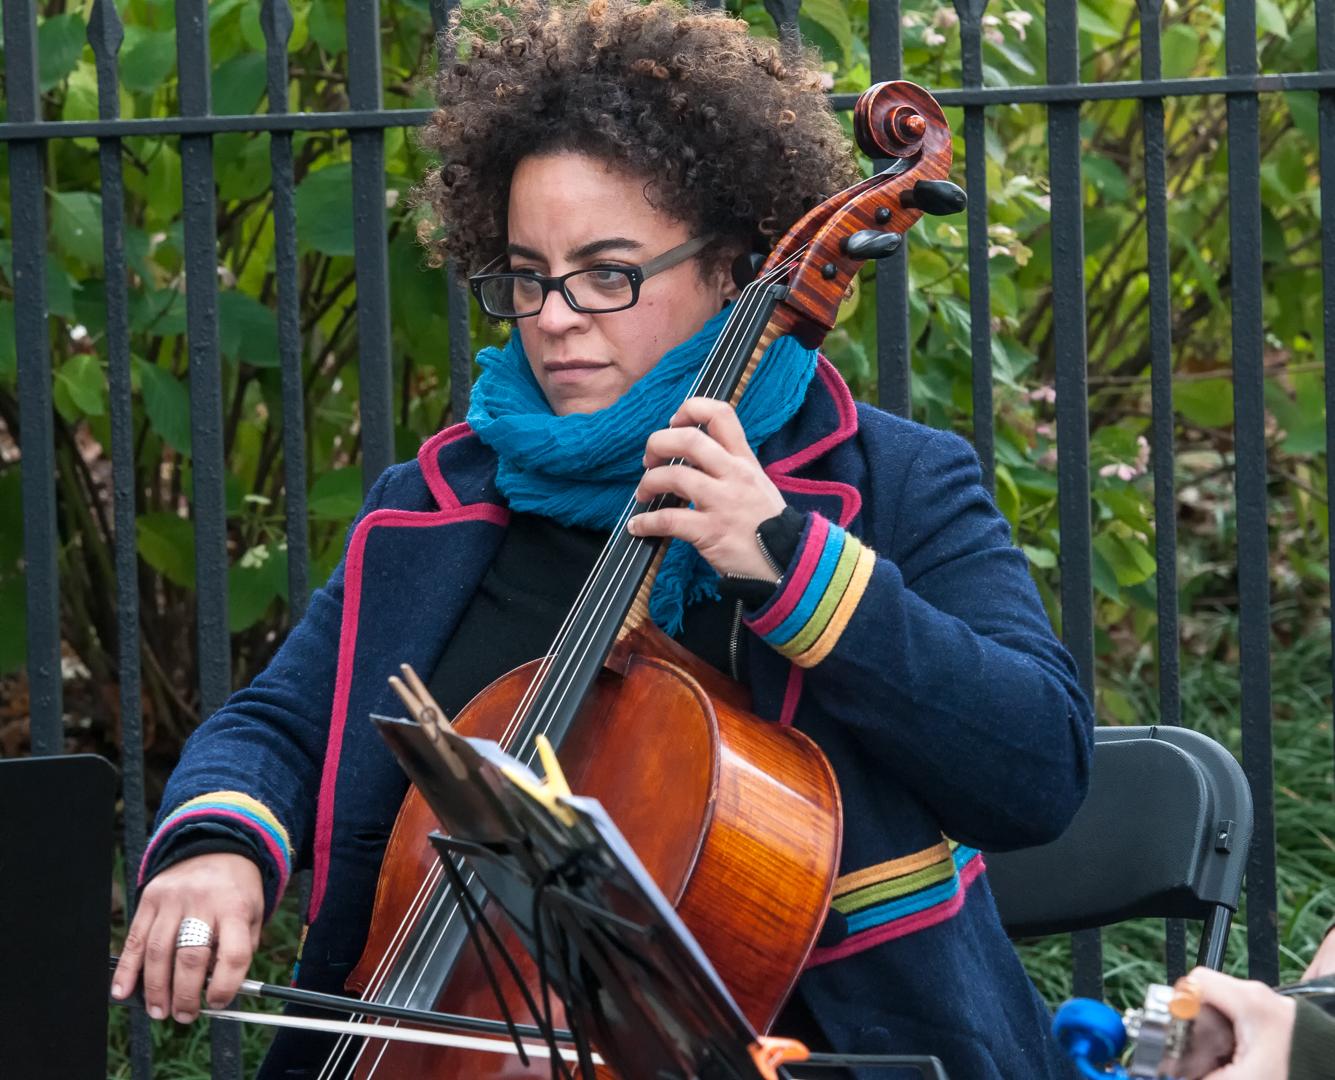 Marika Hughes & Bottom Heavy at Jazz and Colors in Central Parkjazz and Colors in Central Park